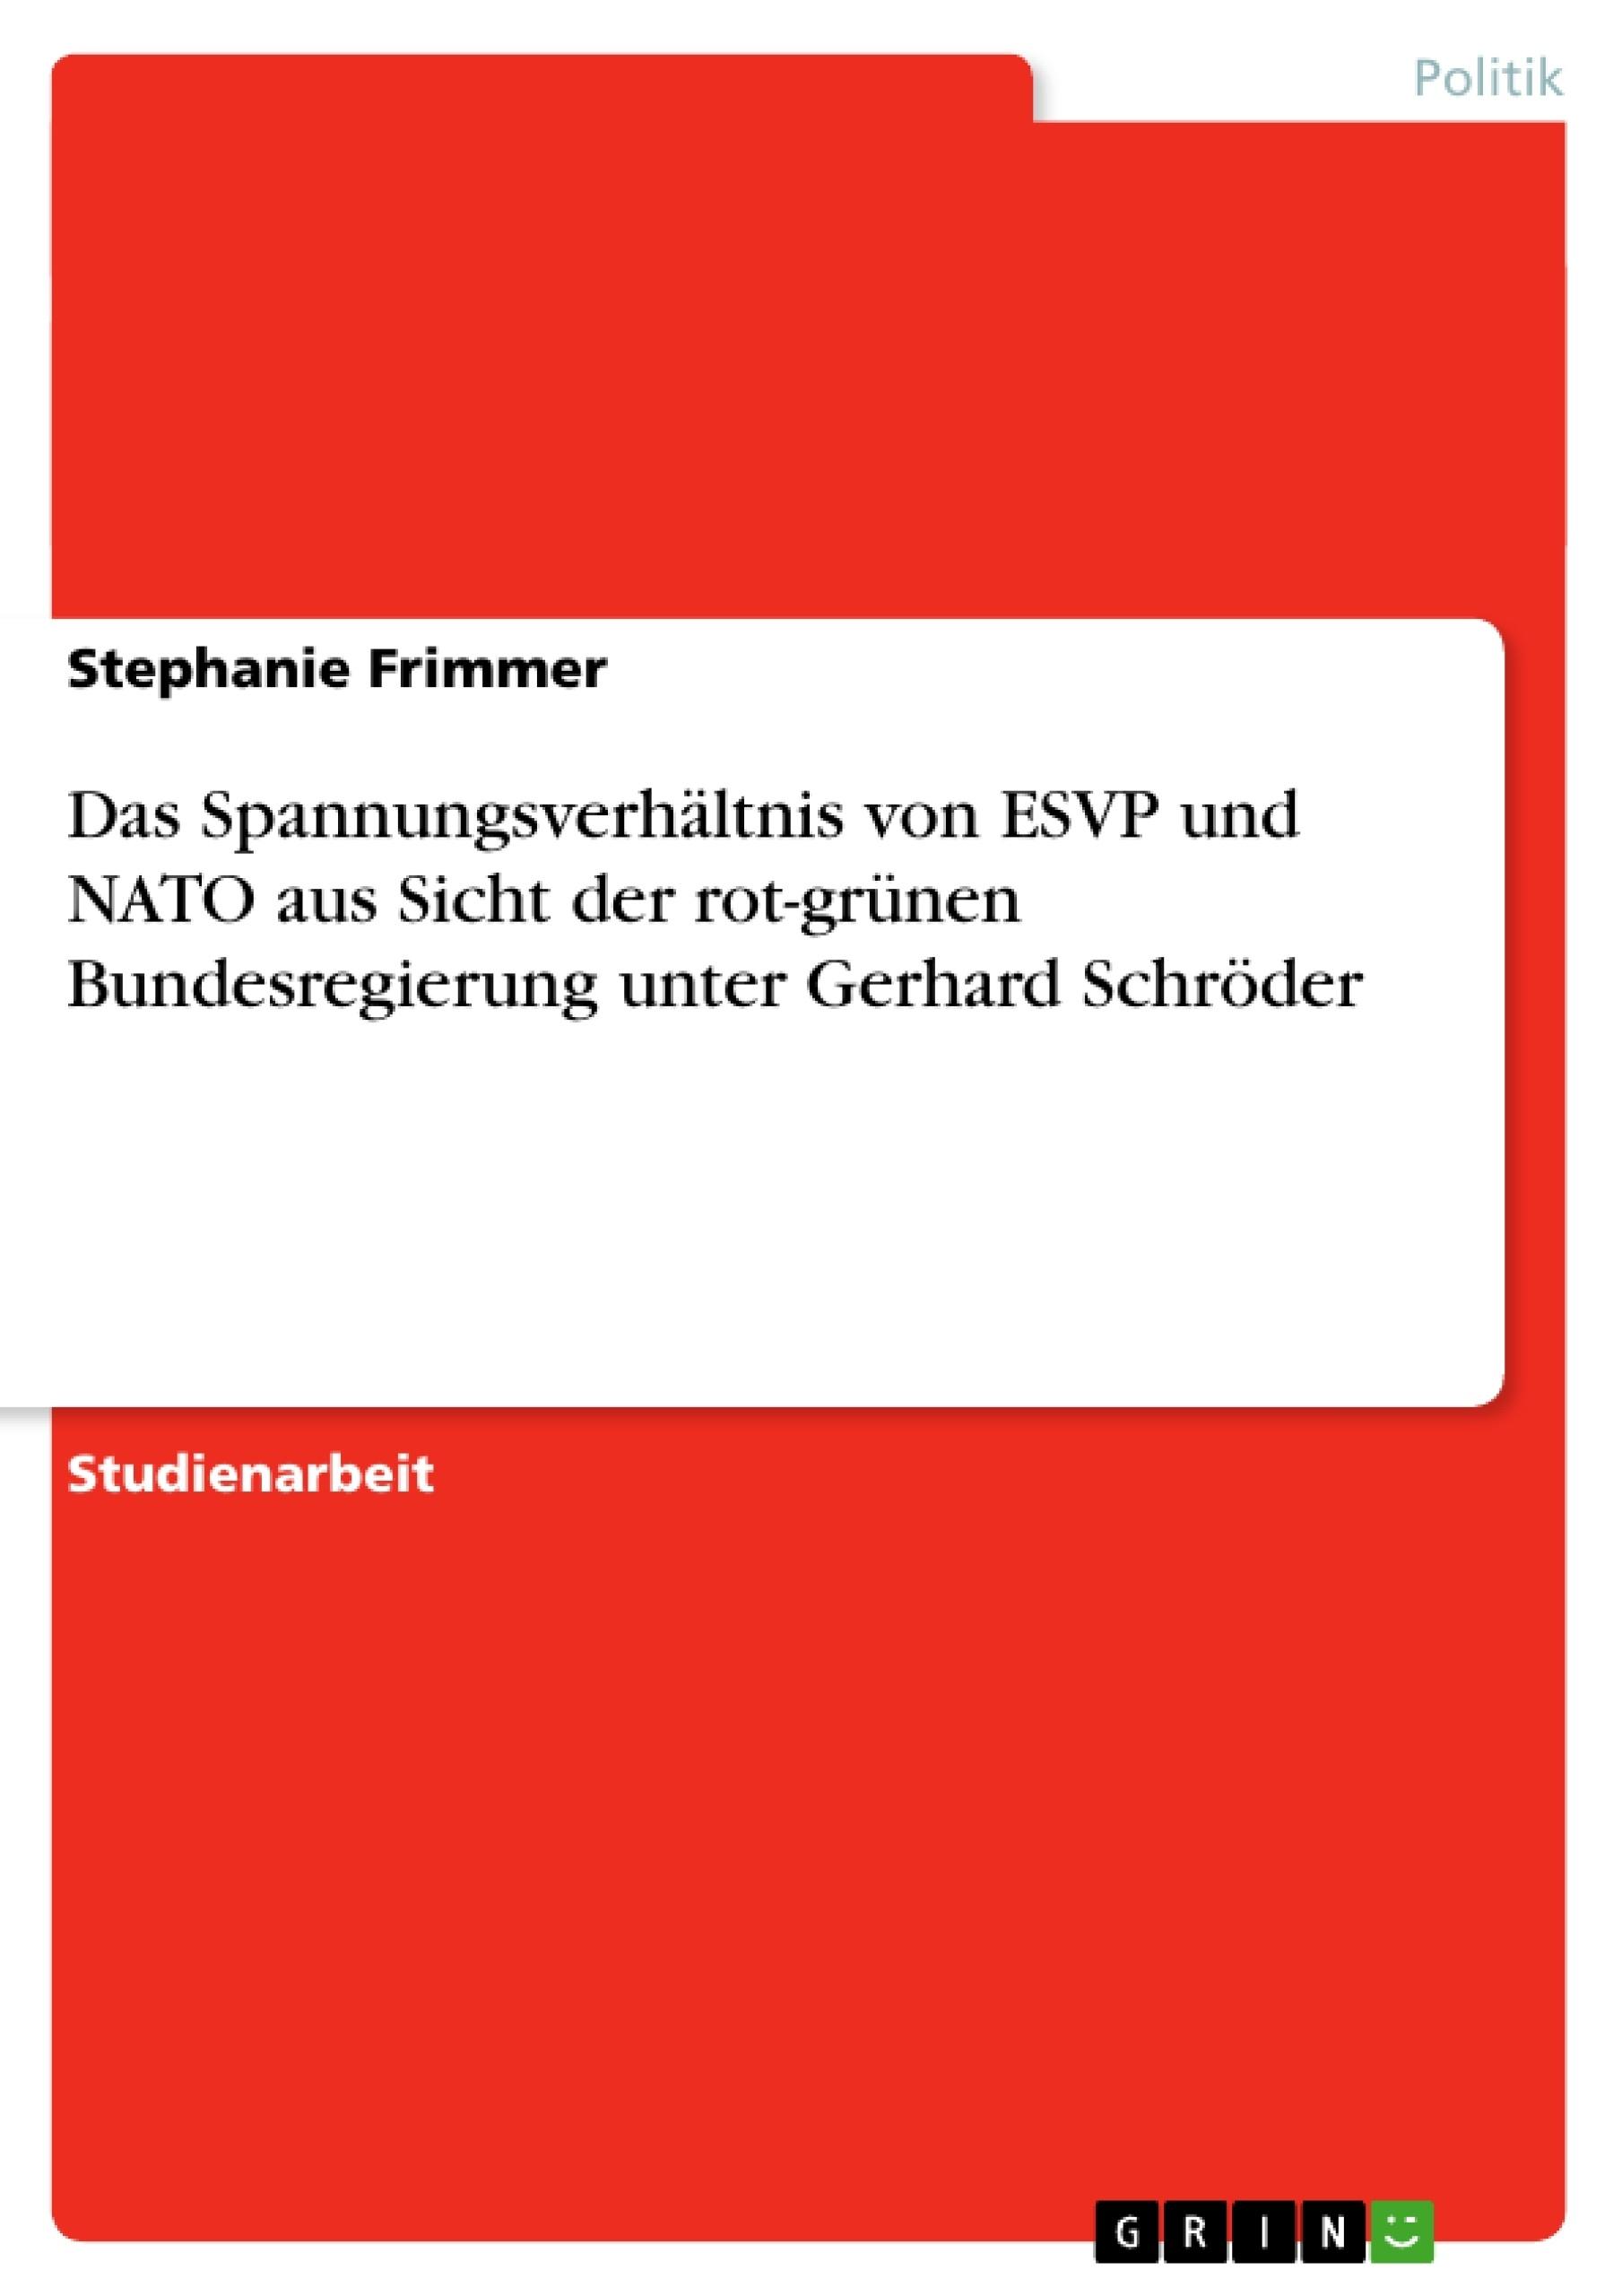 Titel: Das Spannungsverhältnis von ESVP und NATO aus Sicht der rot-grünen Bundesregierung unter Gerhard Schröder